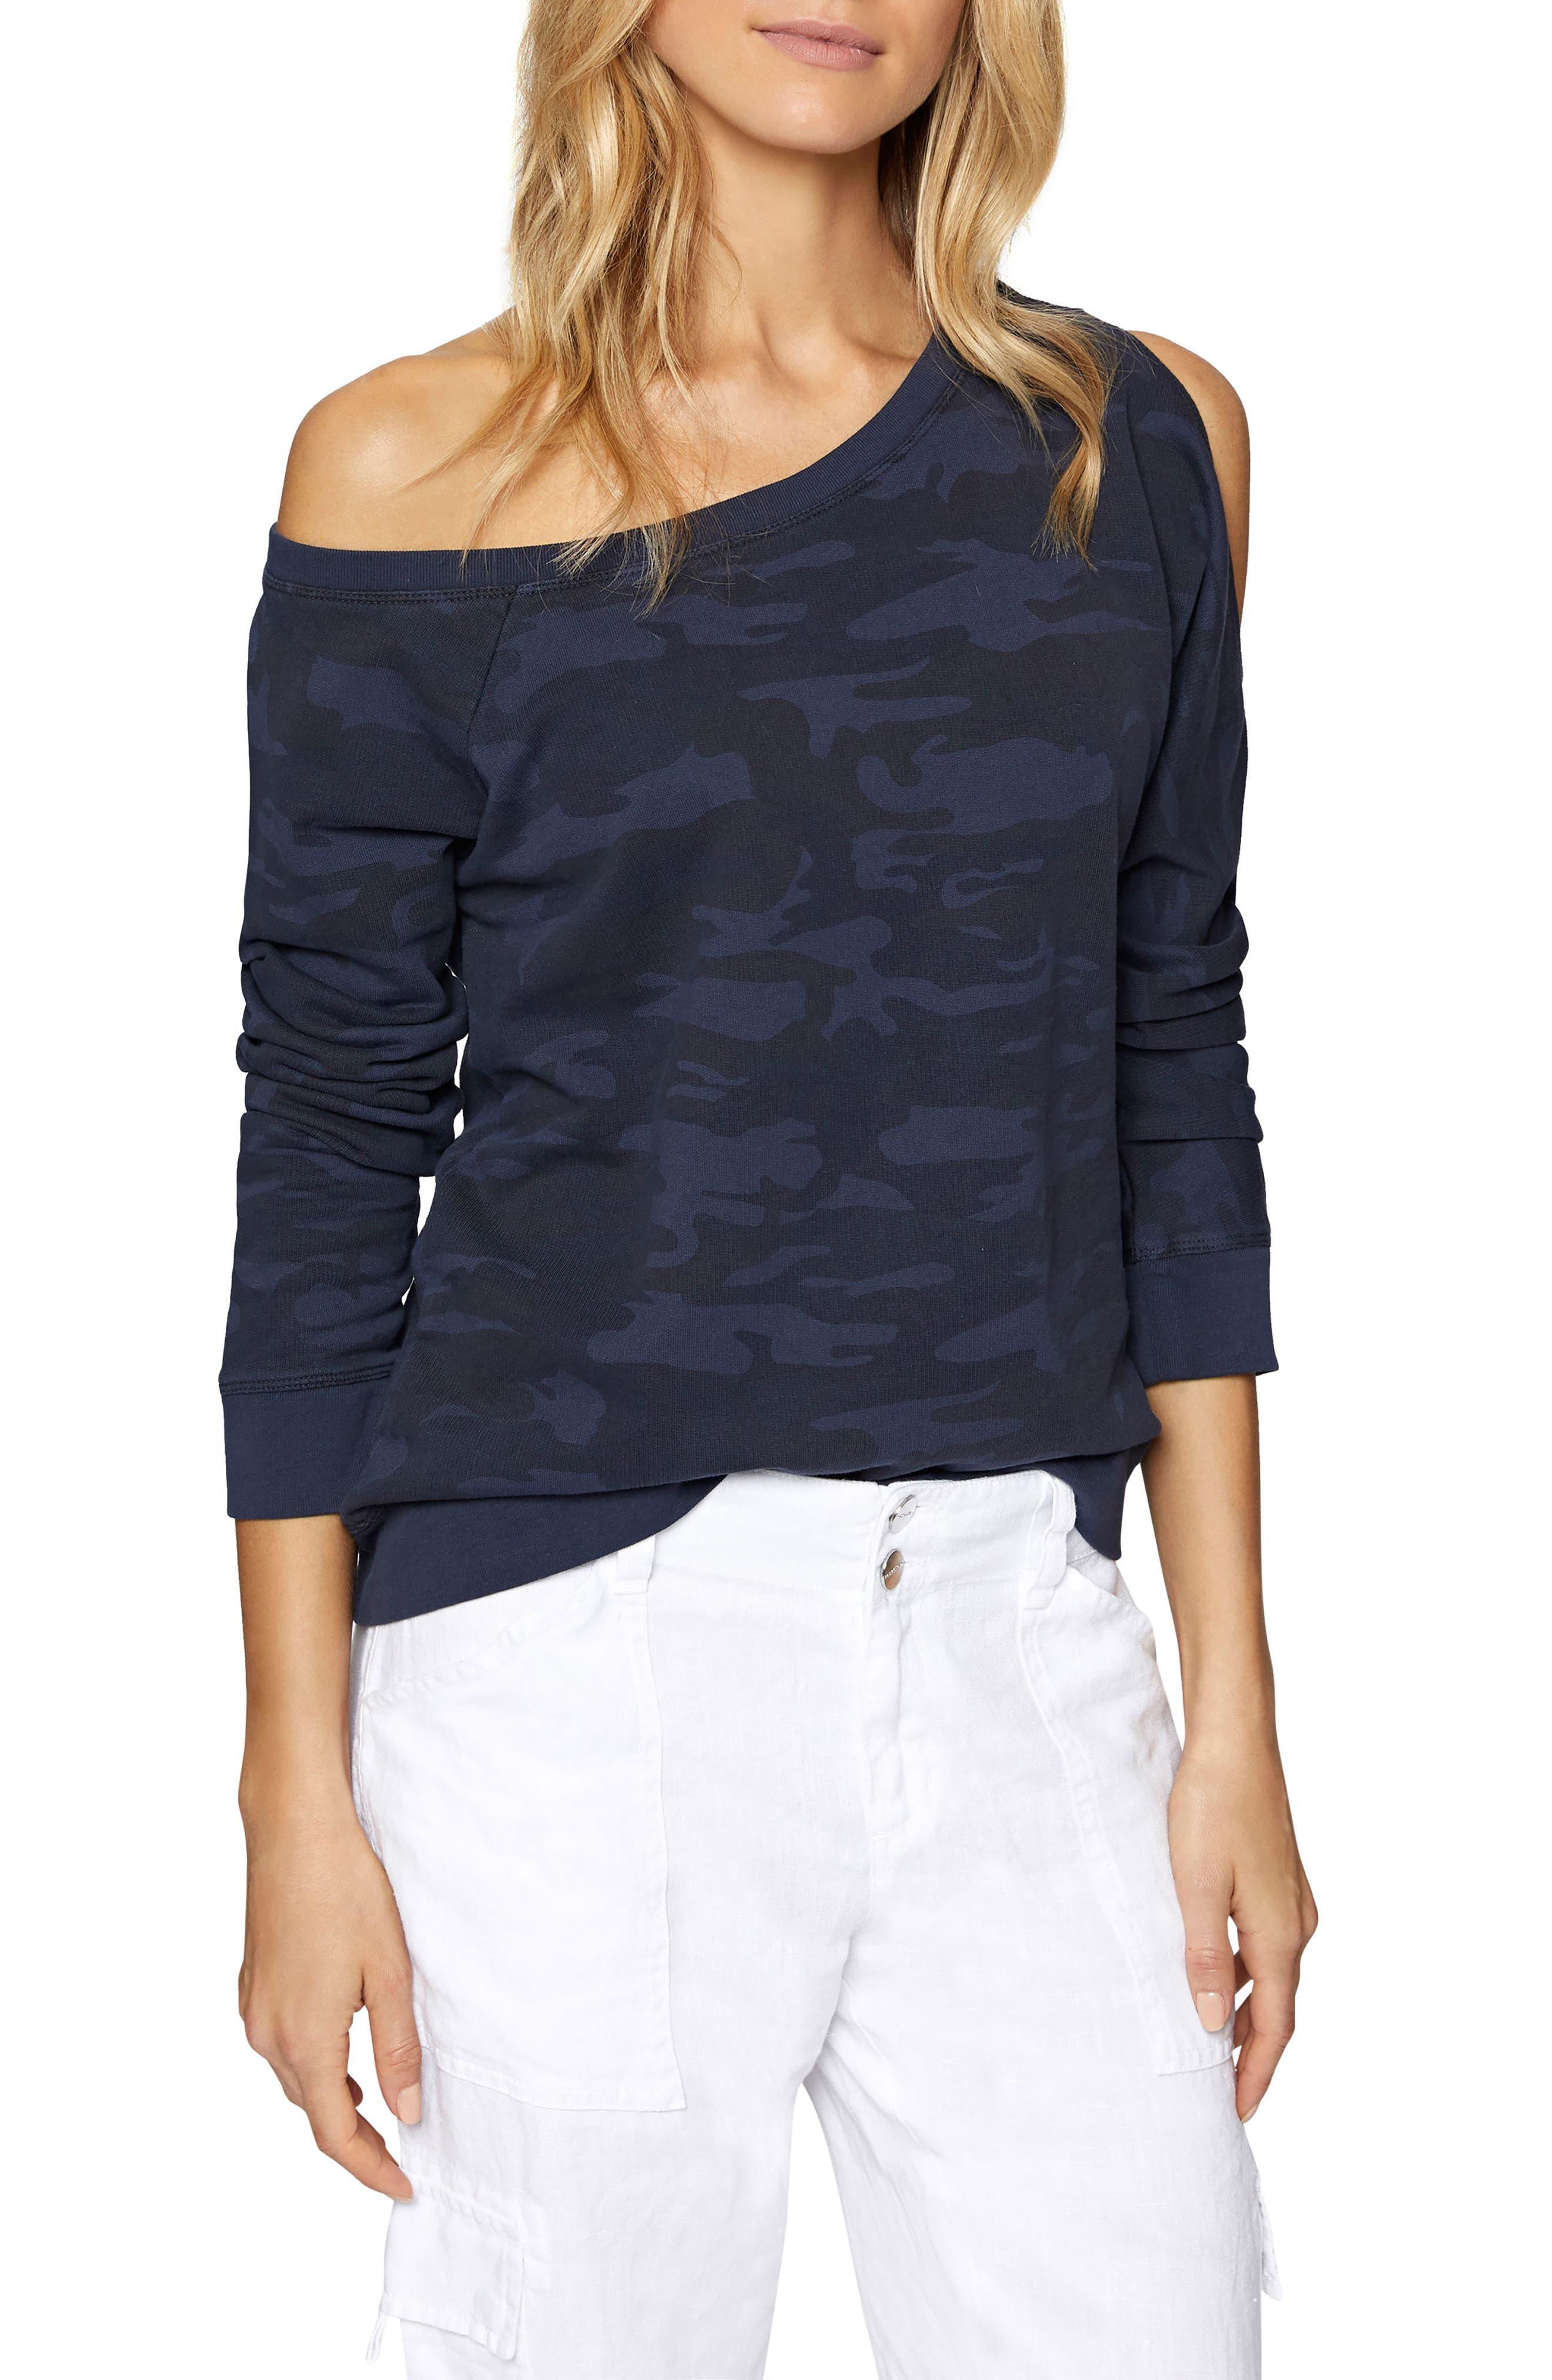 Alexi Asymmetrical Sweatshirt,                         Main,                         color, Heritage Navy Camo